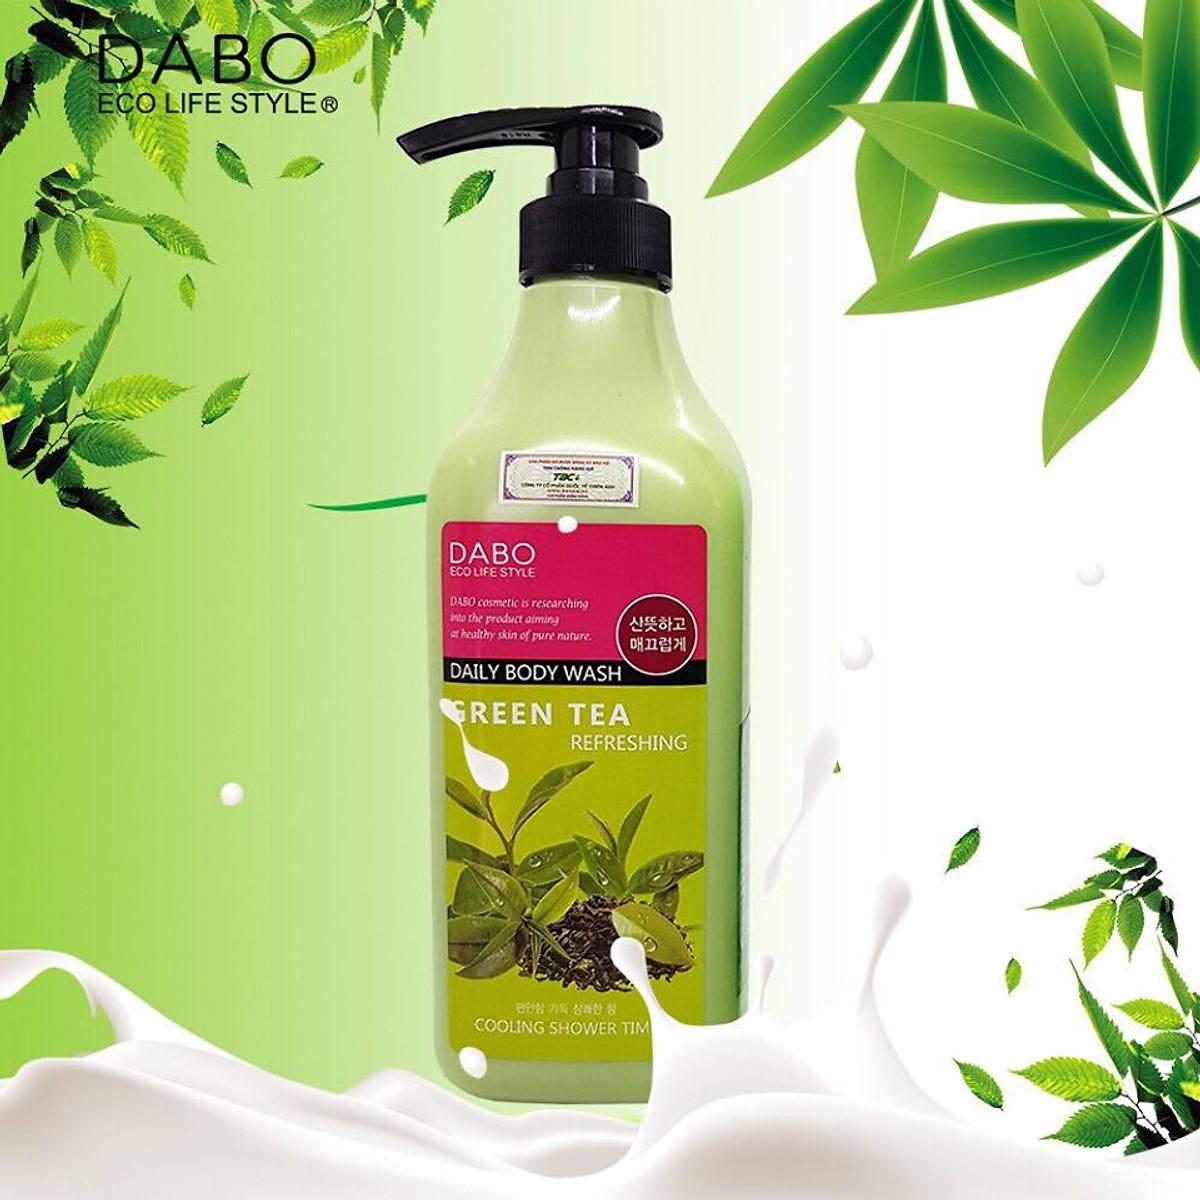 Sữa tắm chiết xuất từ trà xanh mát da ngừa mụn sạch nhờn DABO REFRESHING GREEN TEA DAILY BODY WASH Hàn Quốc Chính Hãng ( 750ml) [ Tặng móc khóa ]